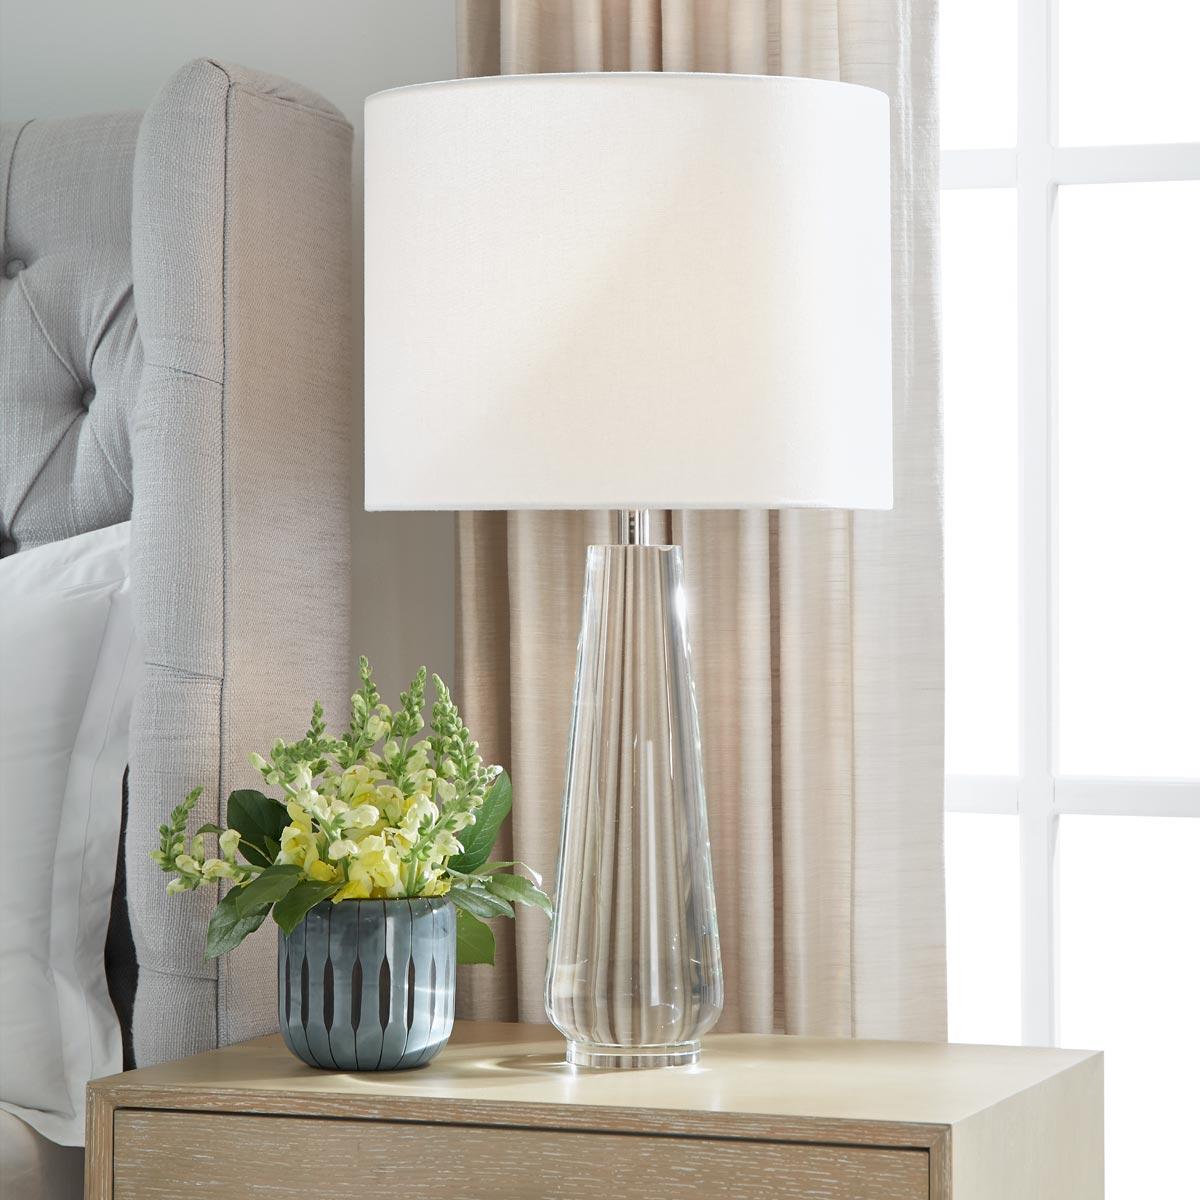 Maren table lamp